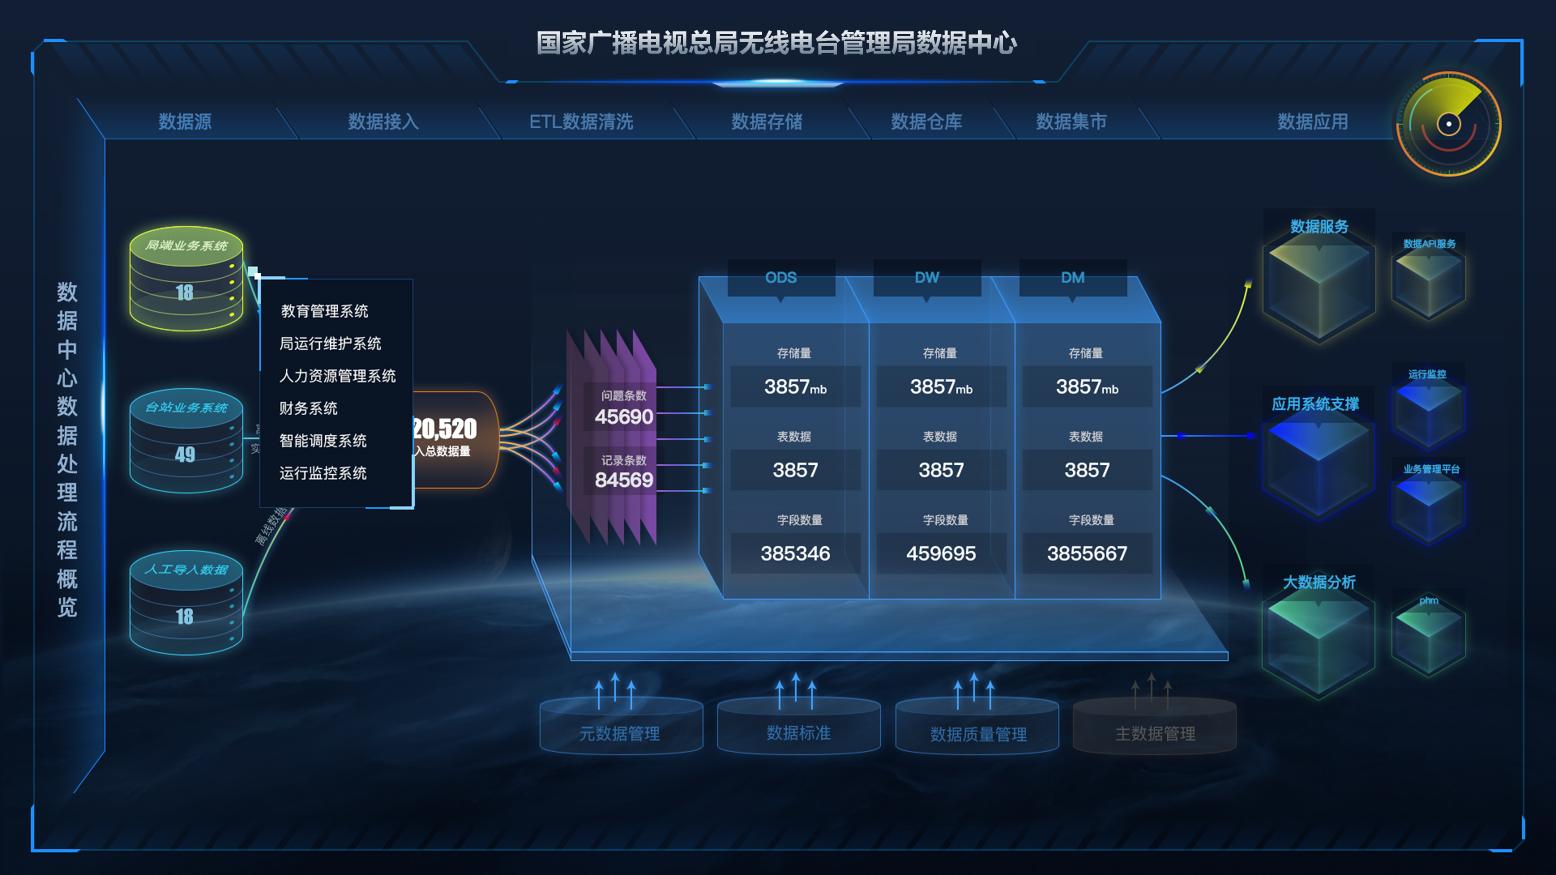 广电总局无线局.jpg